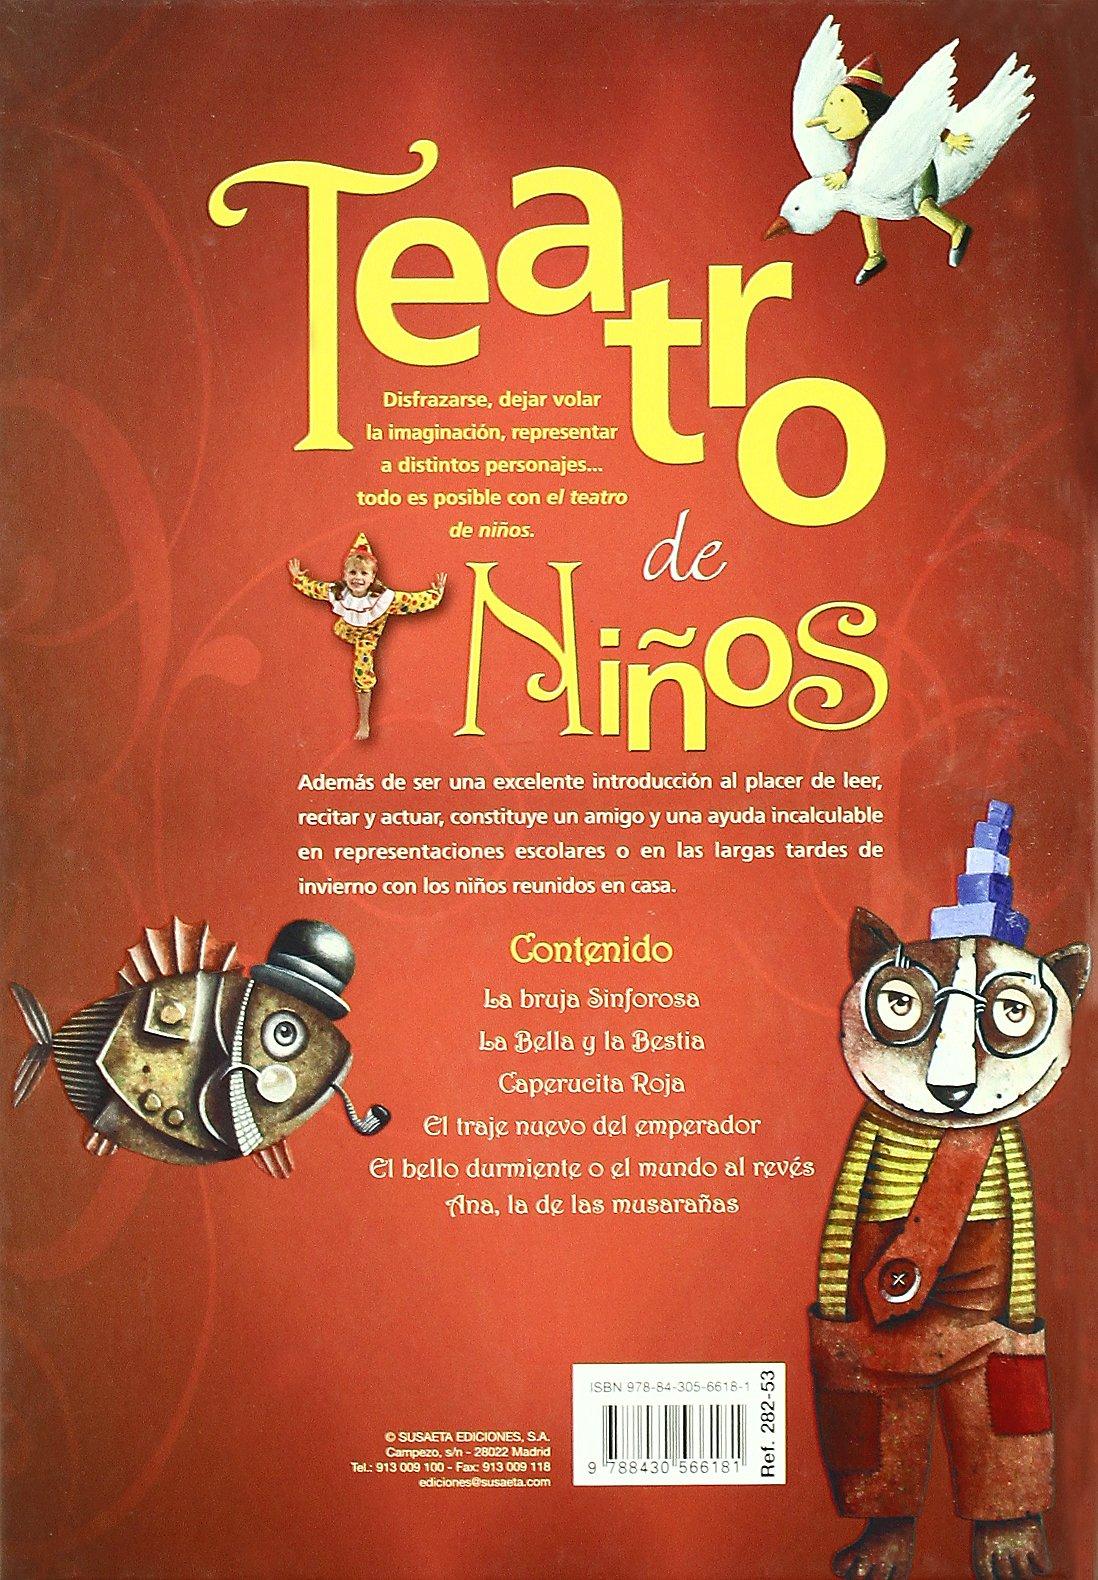 Teatro de niños: S-282-53: 9788430566181: Amazon.com: Books